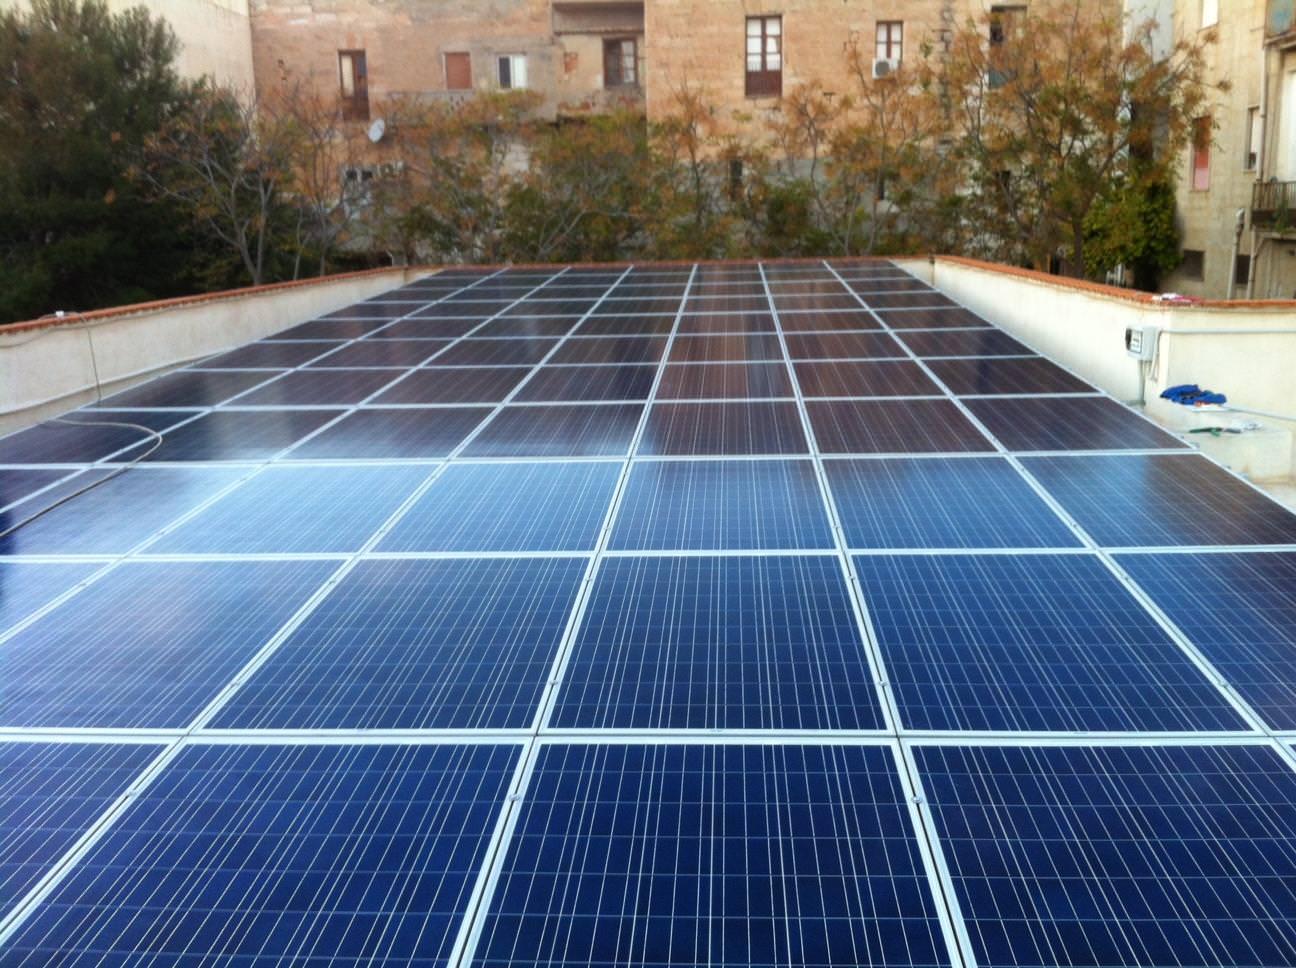 Meno impatto visivo e più risparmio: le isole minori pioniere del fotovoltaico